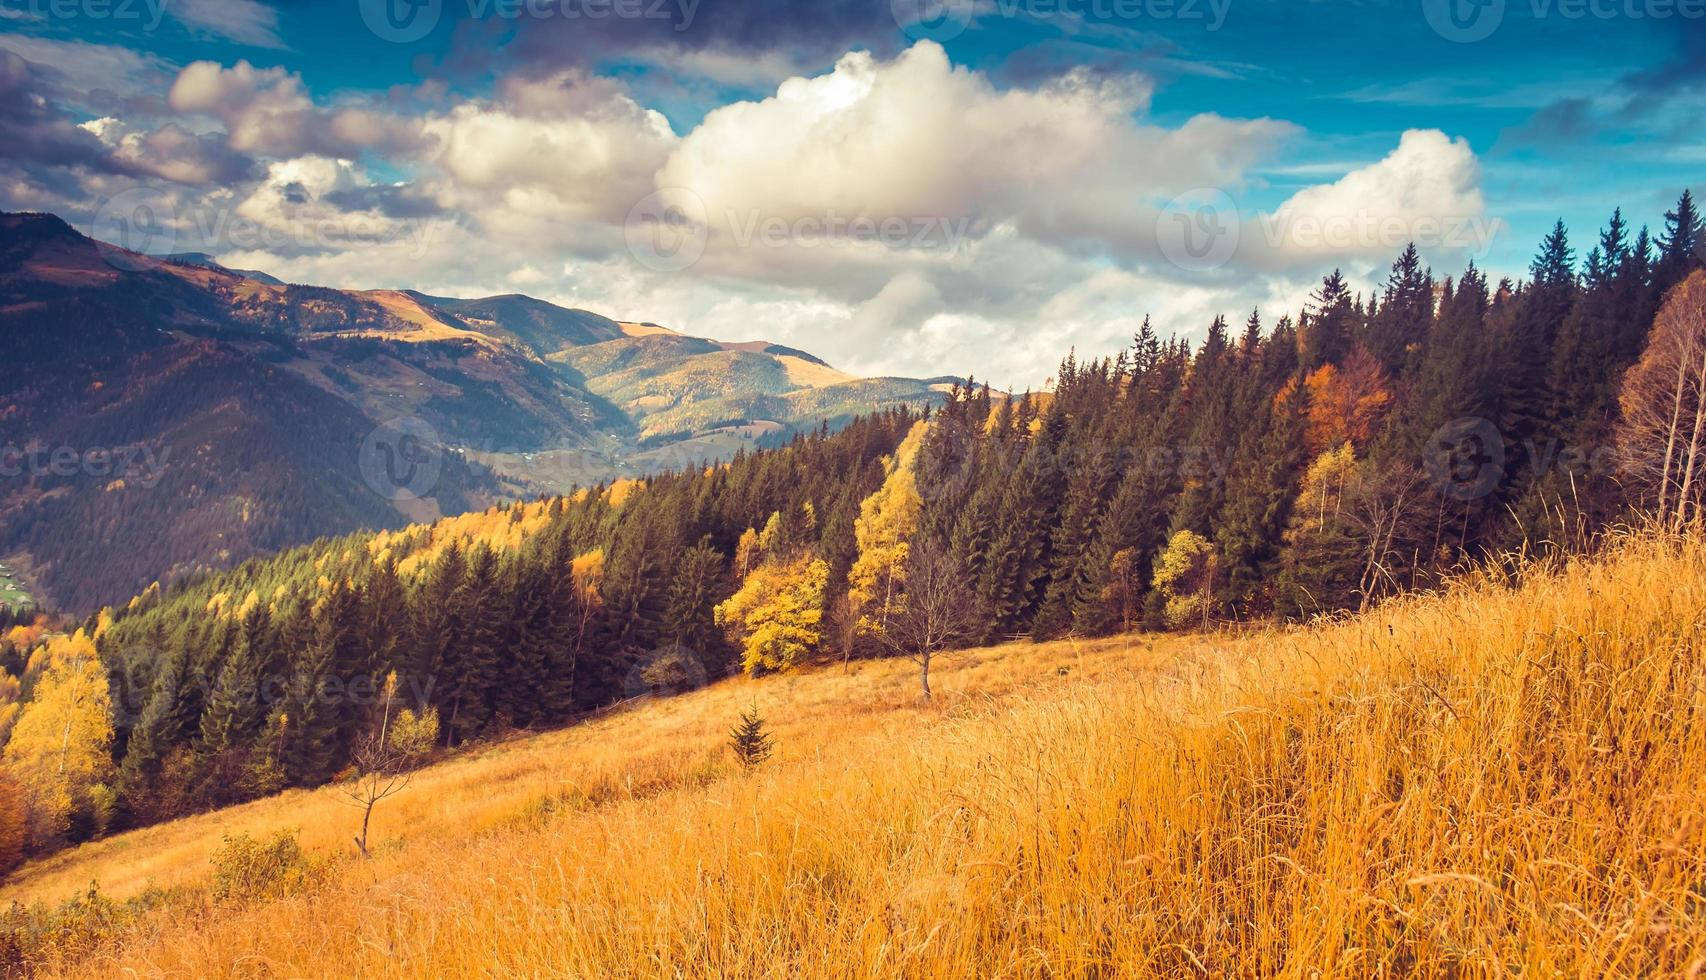 fantastiques collines ensoleillées photo